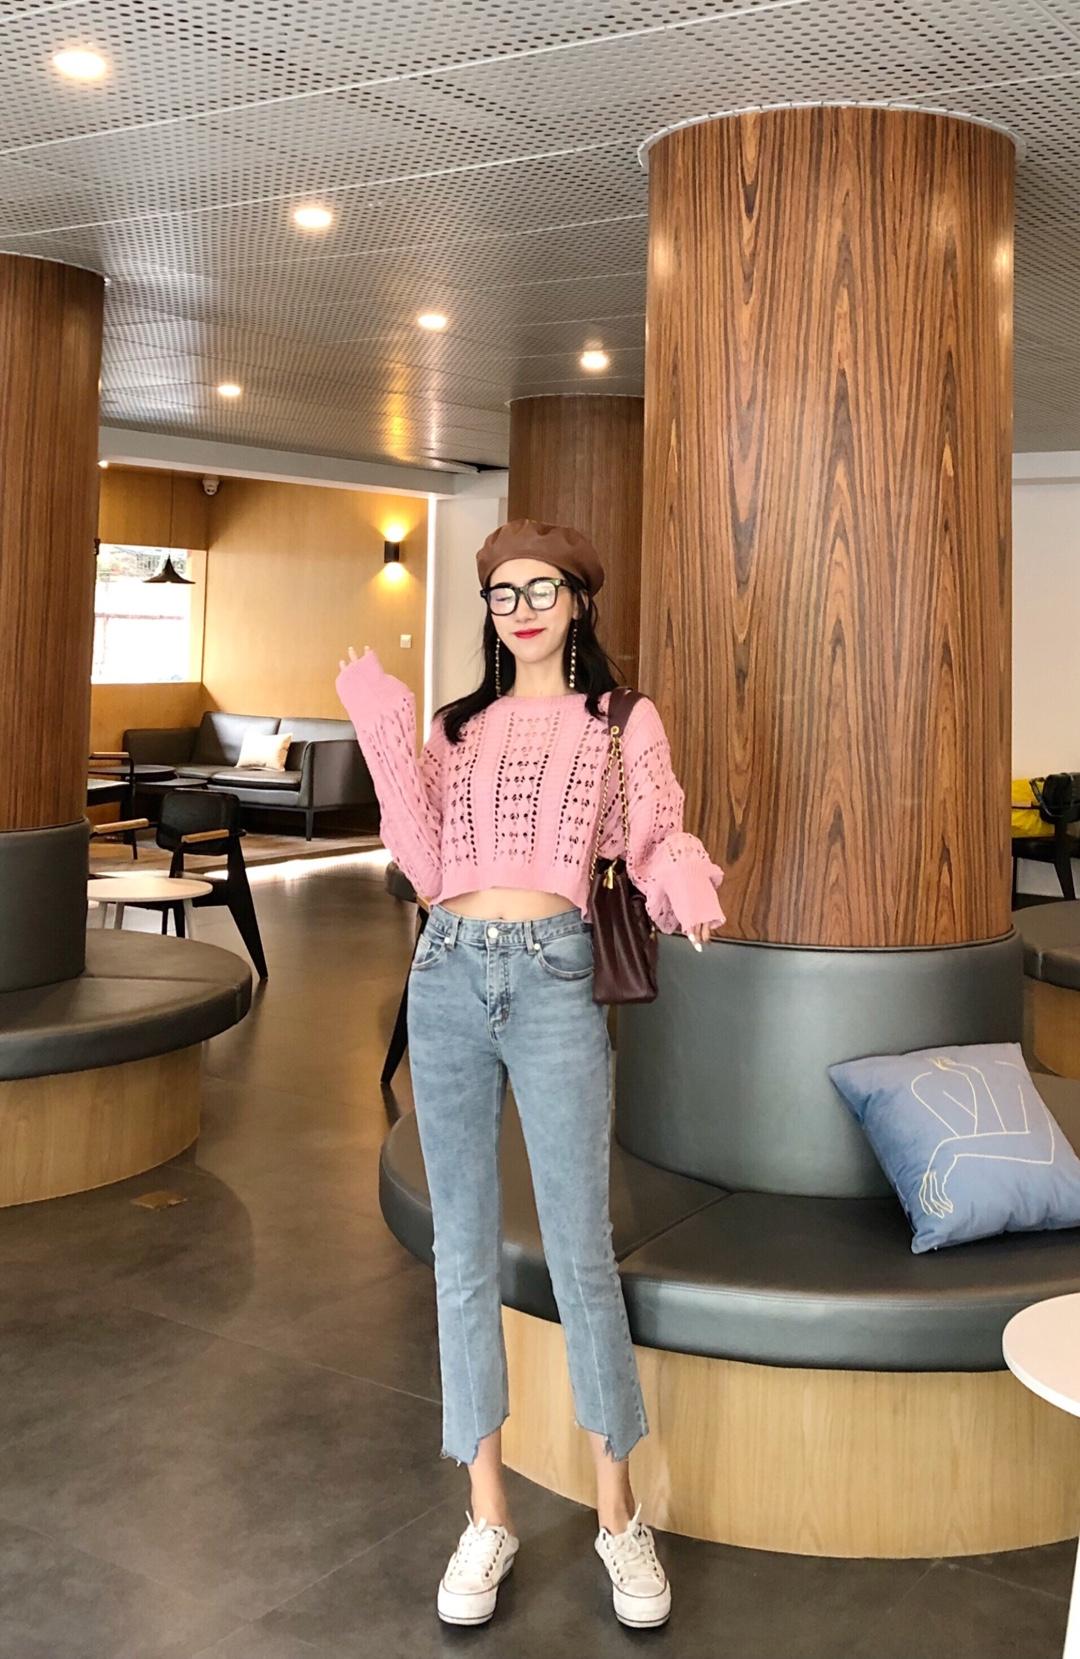 #秋装上新穿搭打卡# 超级韩风的一套啊  短款的上衣超级耐看 又显白  搭配小脚裤 小白鞋 nice啦